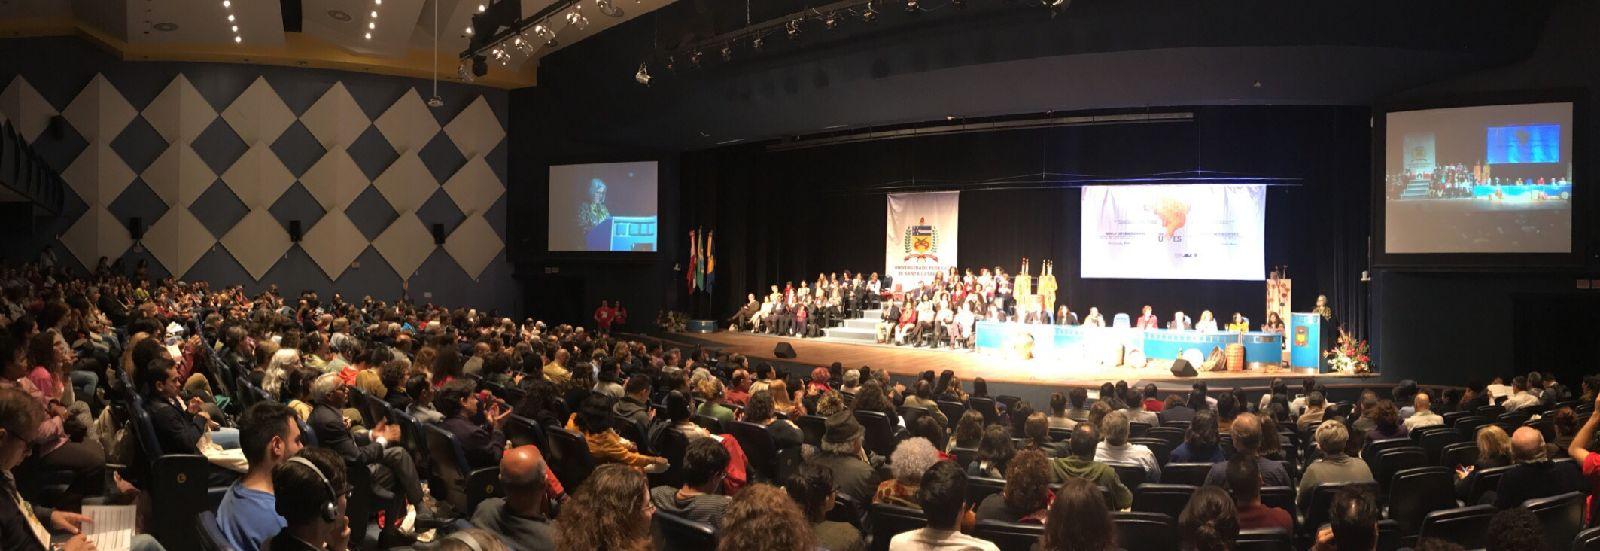 国际人类学与民族学联合会(IUAES)第18届世界大会